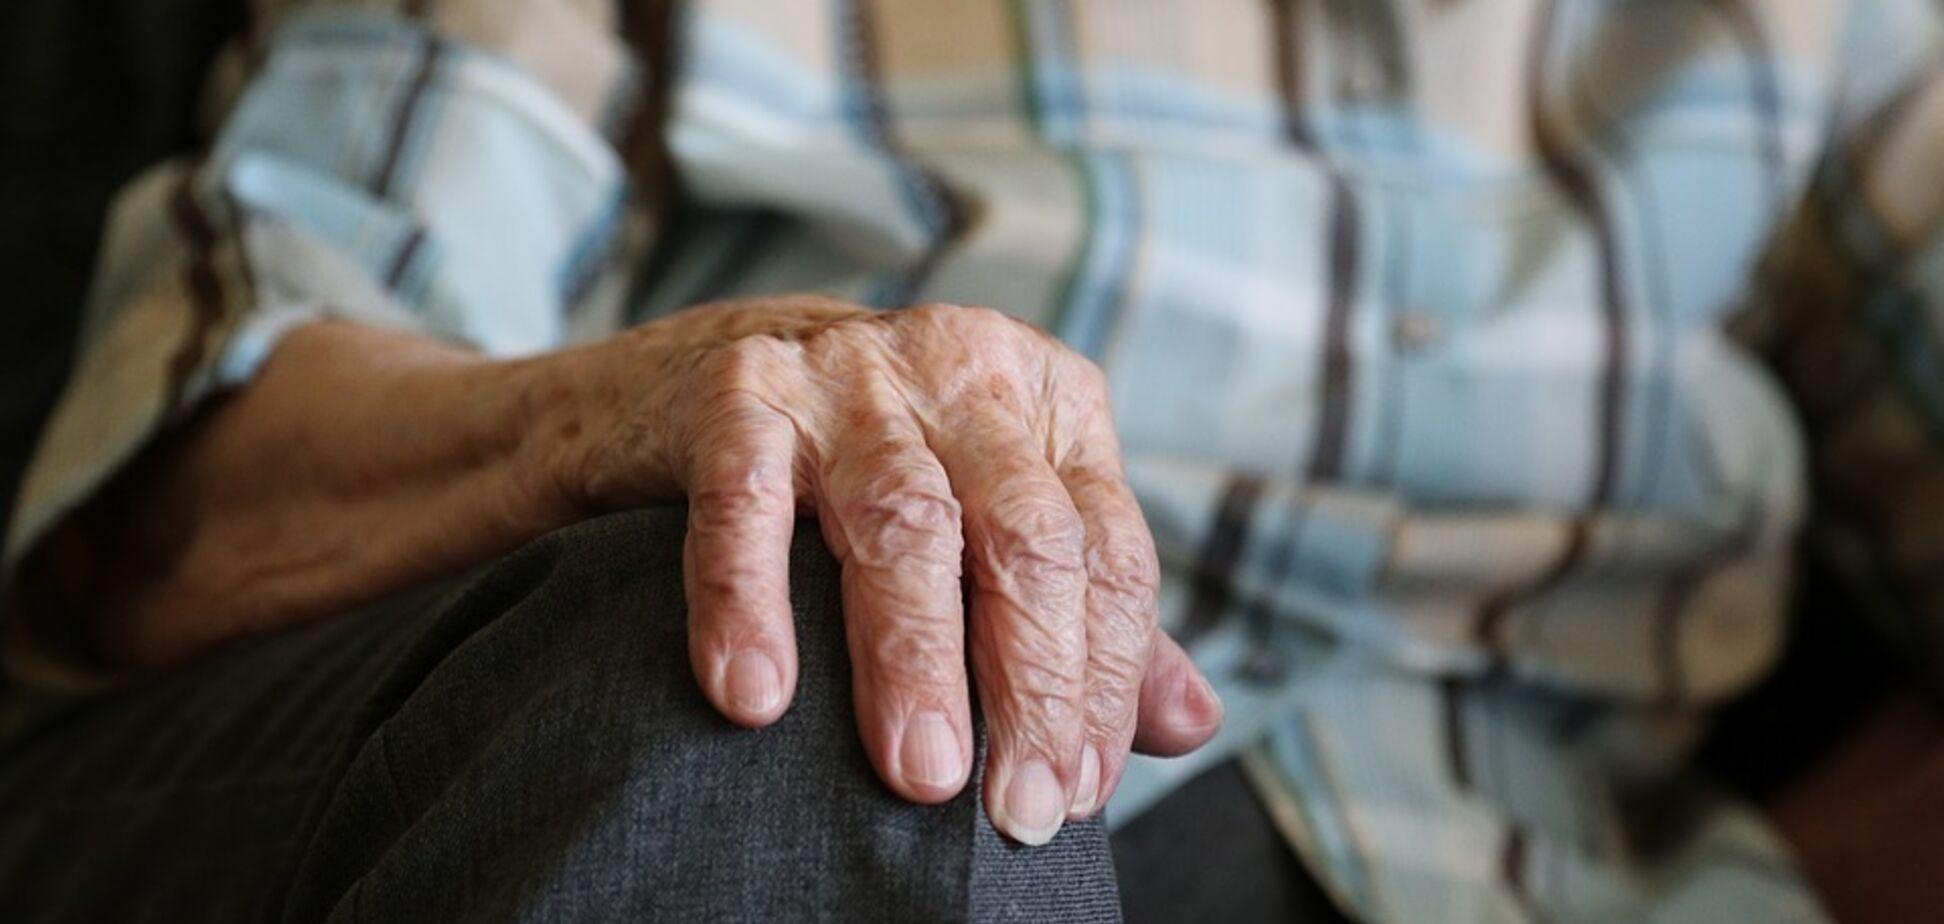 Цель – пенсионеры: в Киеве активизировалась циничная афера